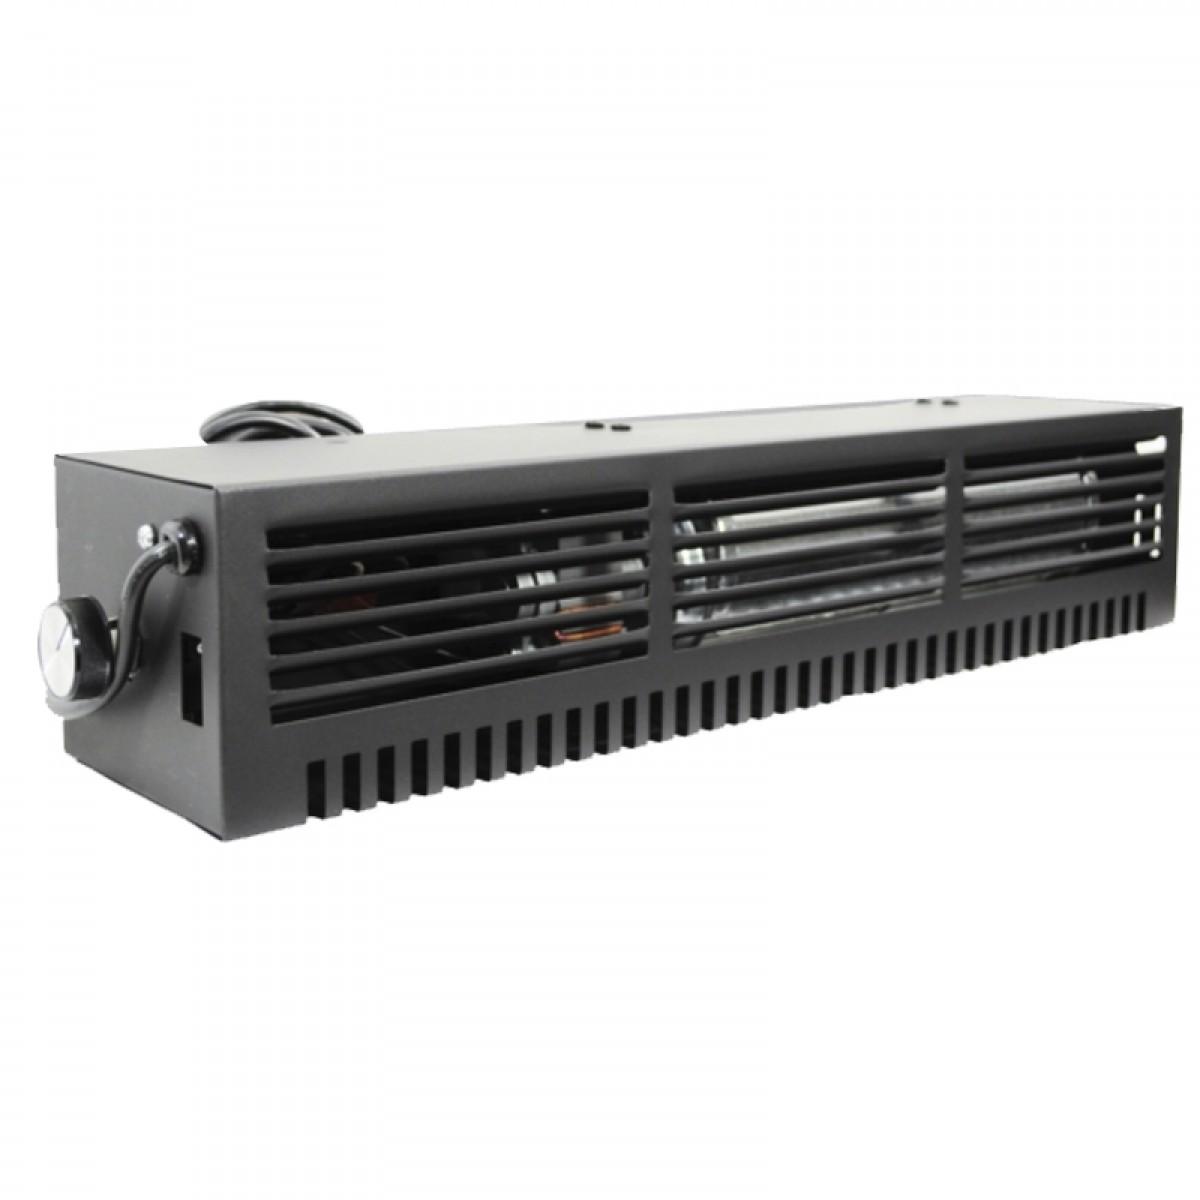 Osburn Oa10510 130 Cfm Blower Fan Fd006